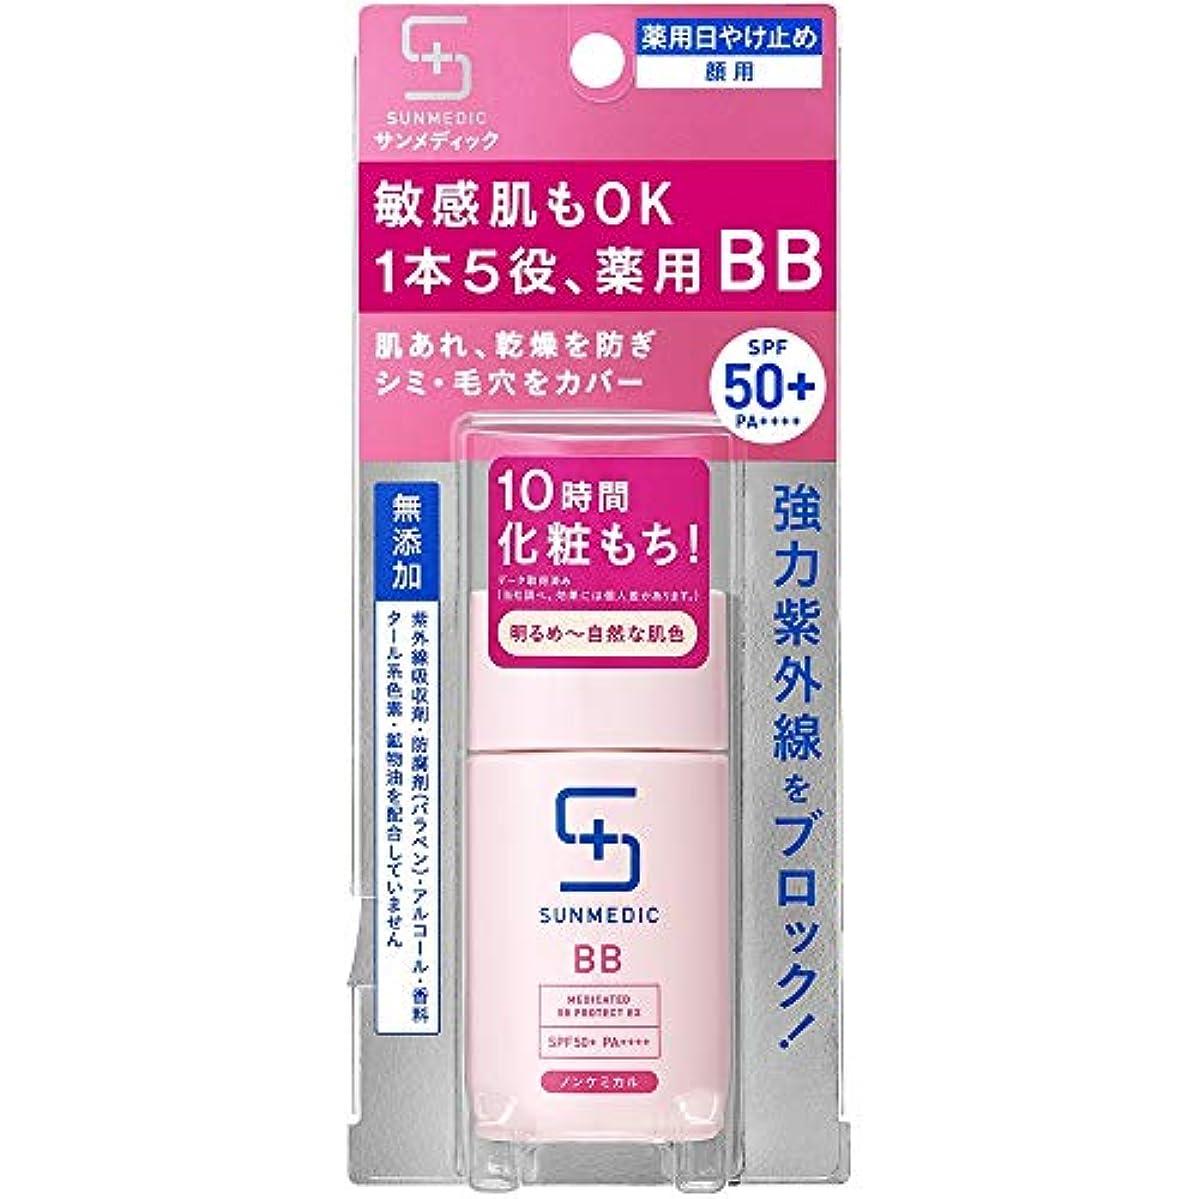 水後者ひまわりサンメディックUV 薬用BBプロテクトEX ライト 30ml (医薬部外品)